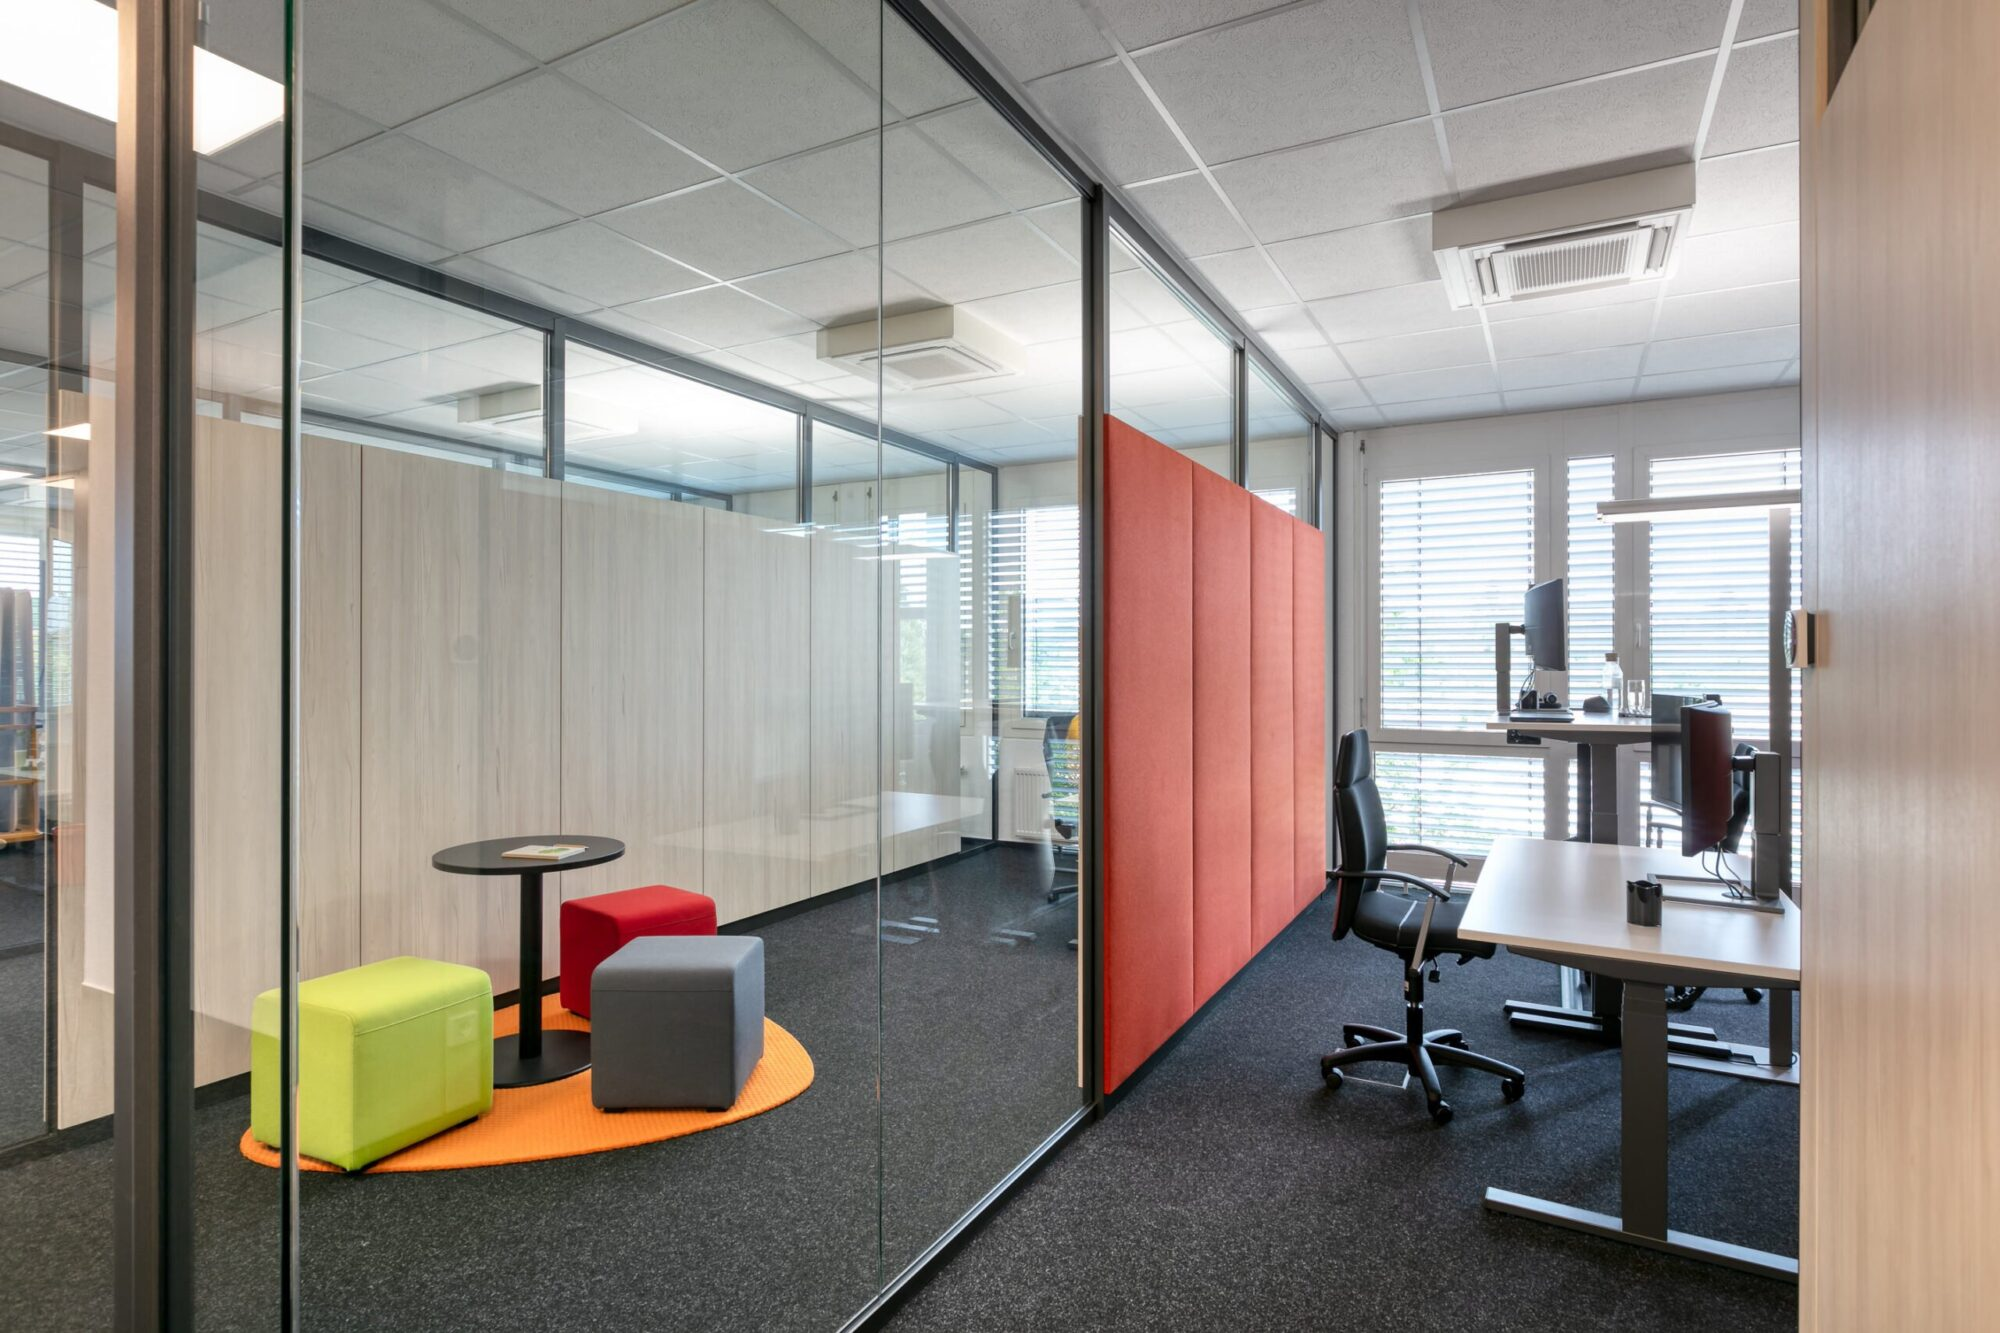 Fraunhofer ISI, Technologie Park Karlsruhe │feco-feederle GmbH Karlsruhe │ feco-Systemtrennwände │ markenstarke Einrichtung